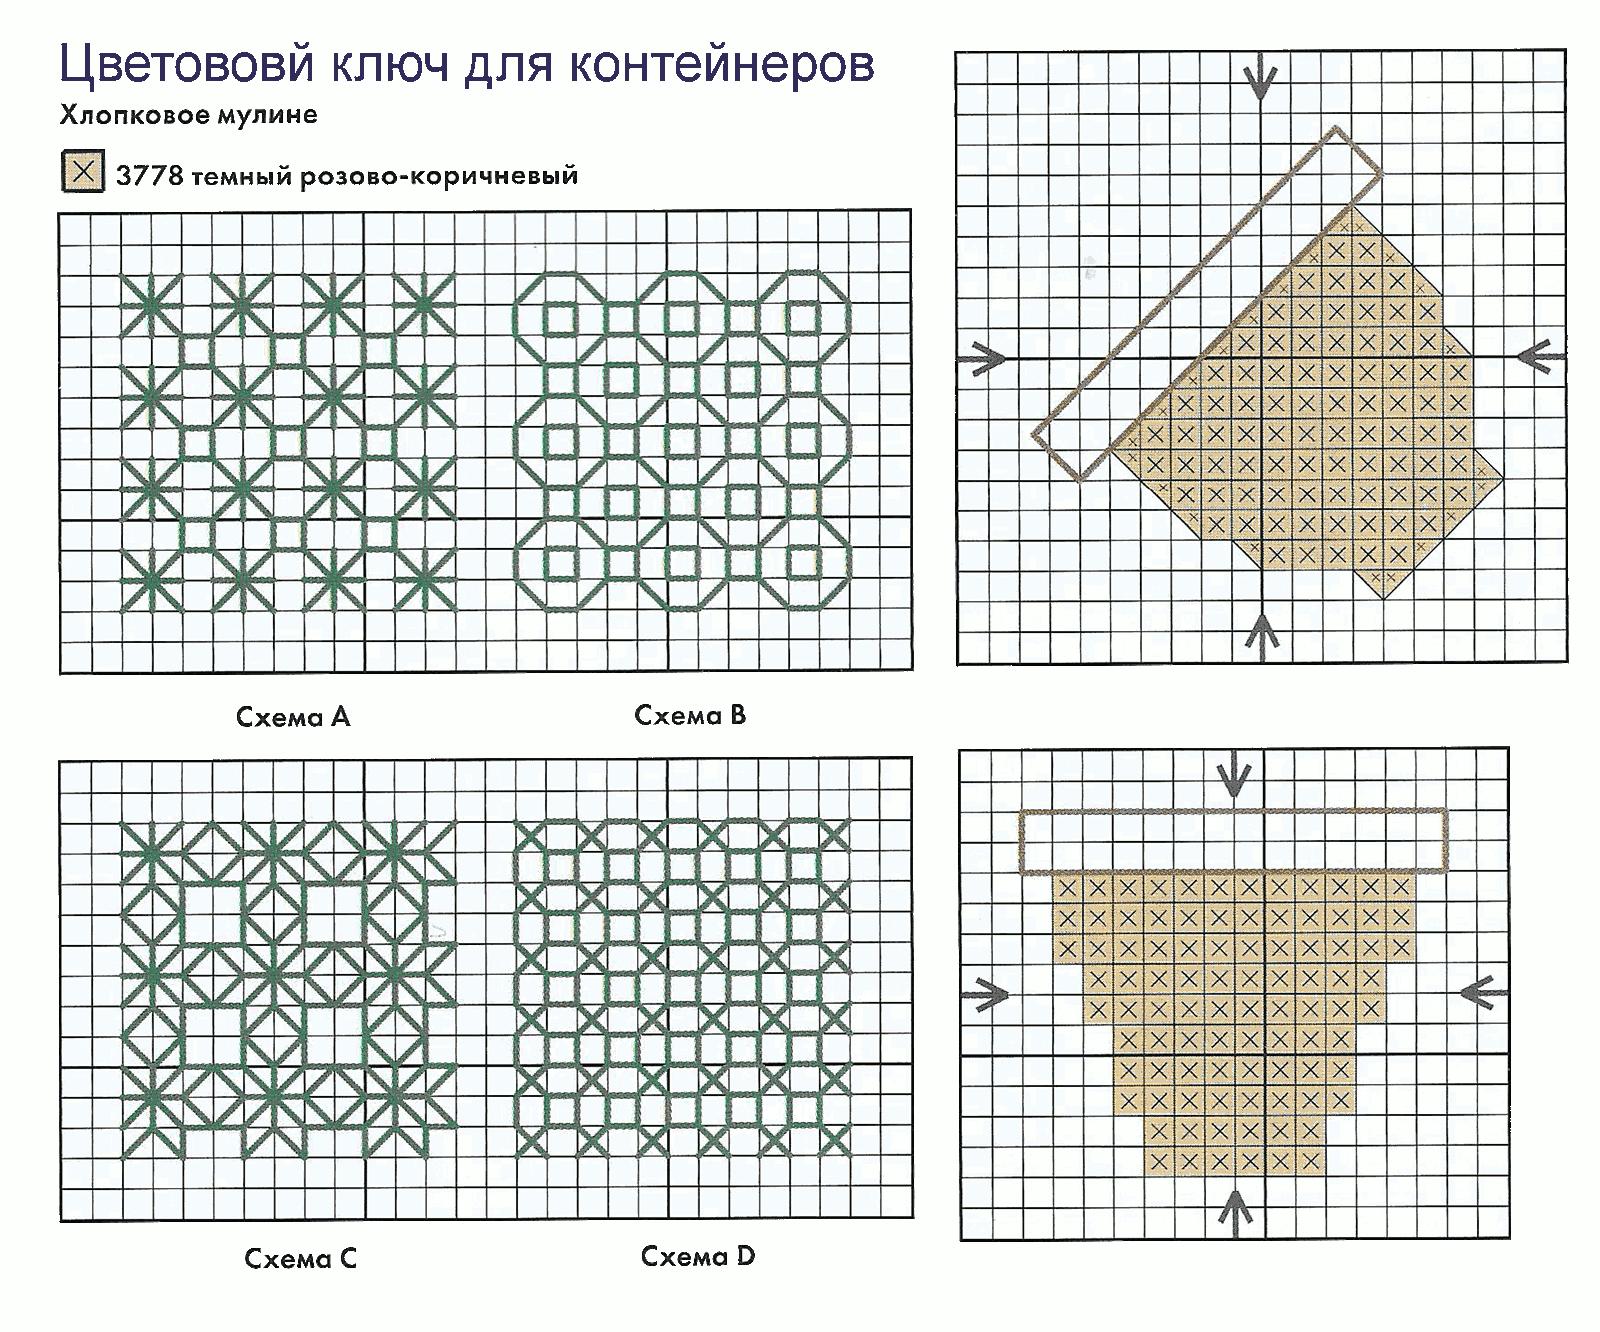 Схема расположения деревьев